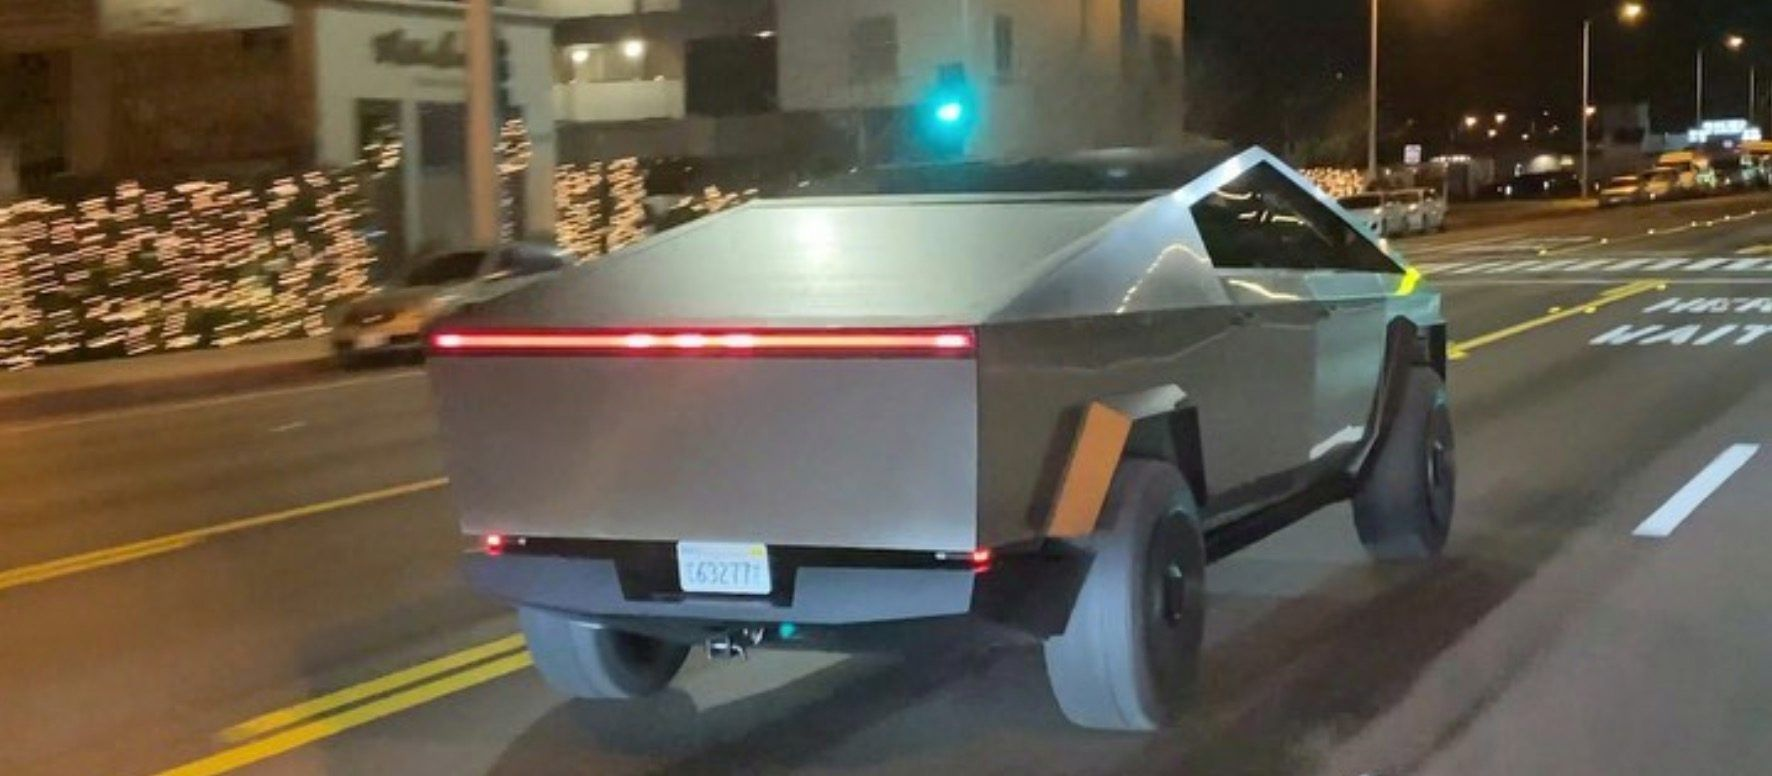 Watch Tesla Cybertruck Prototype Accelerate Like A Sports Car In